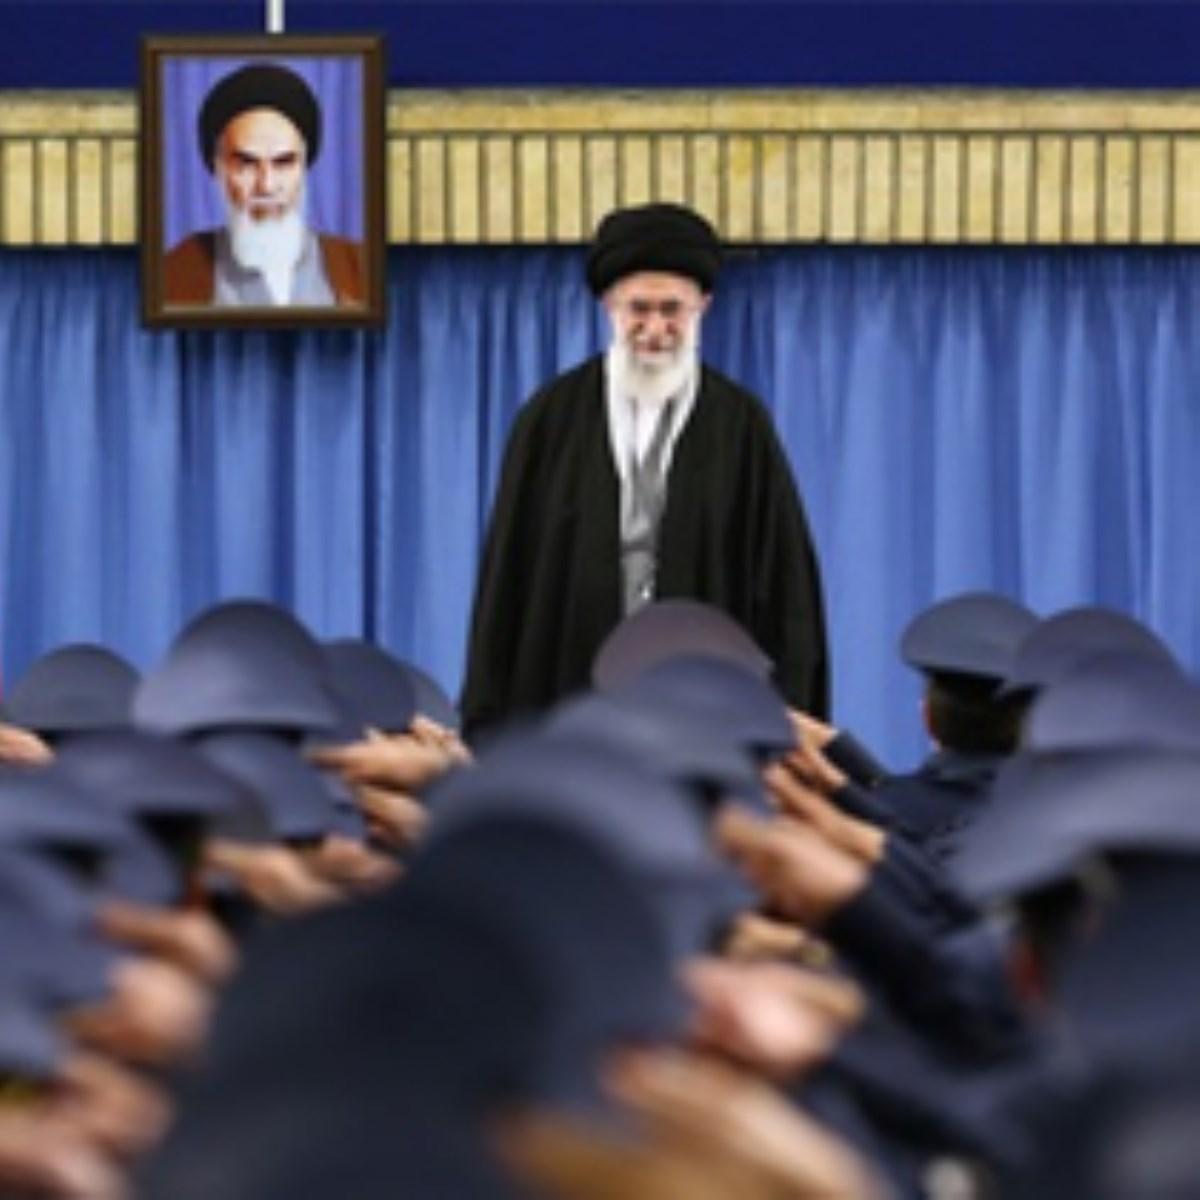 گزارش تصویری / دیدار فرماندهان و کارکنان نیروی هوایی ارتش جمهوری اسلامی ایران با رهبر انقلاب